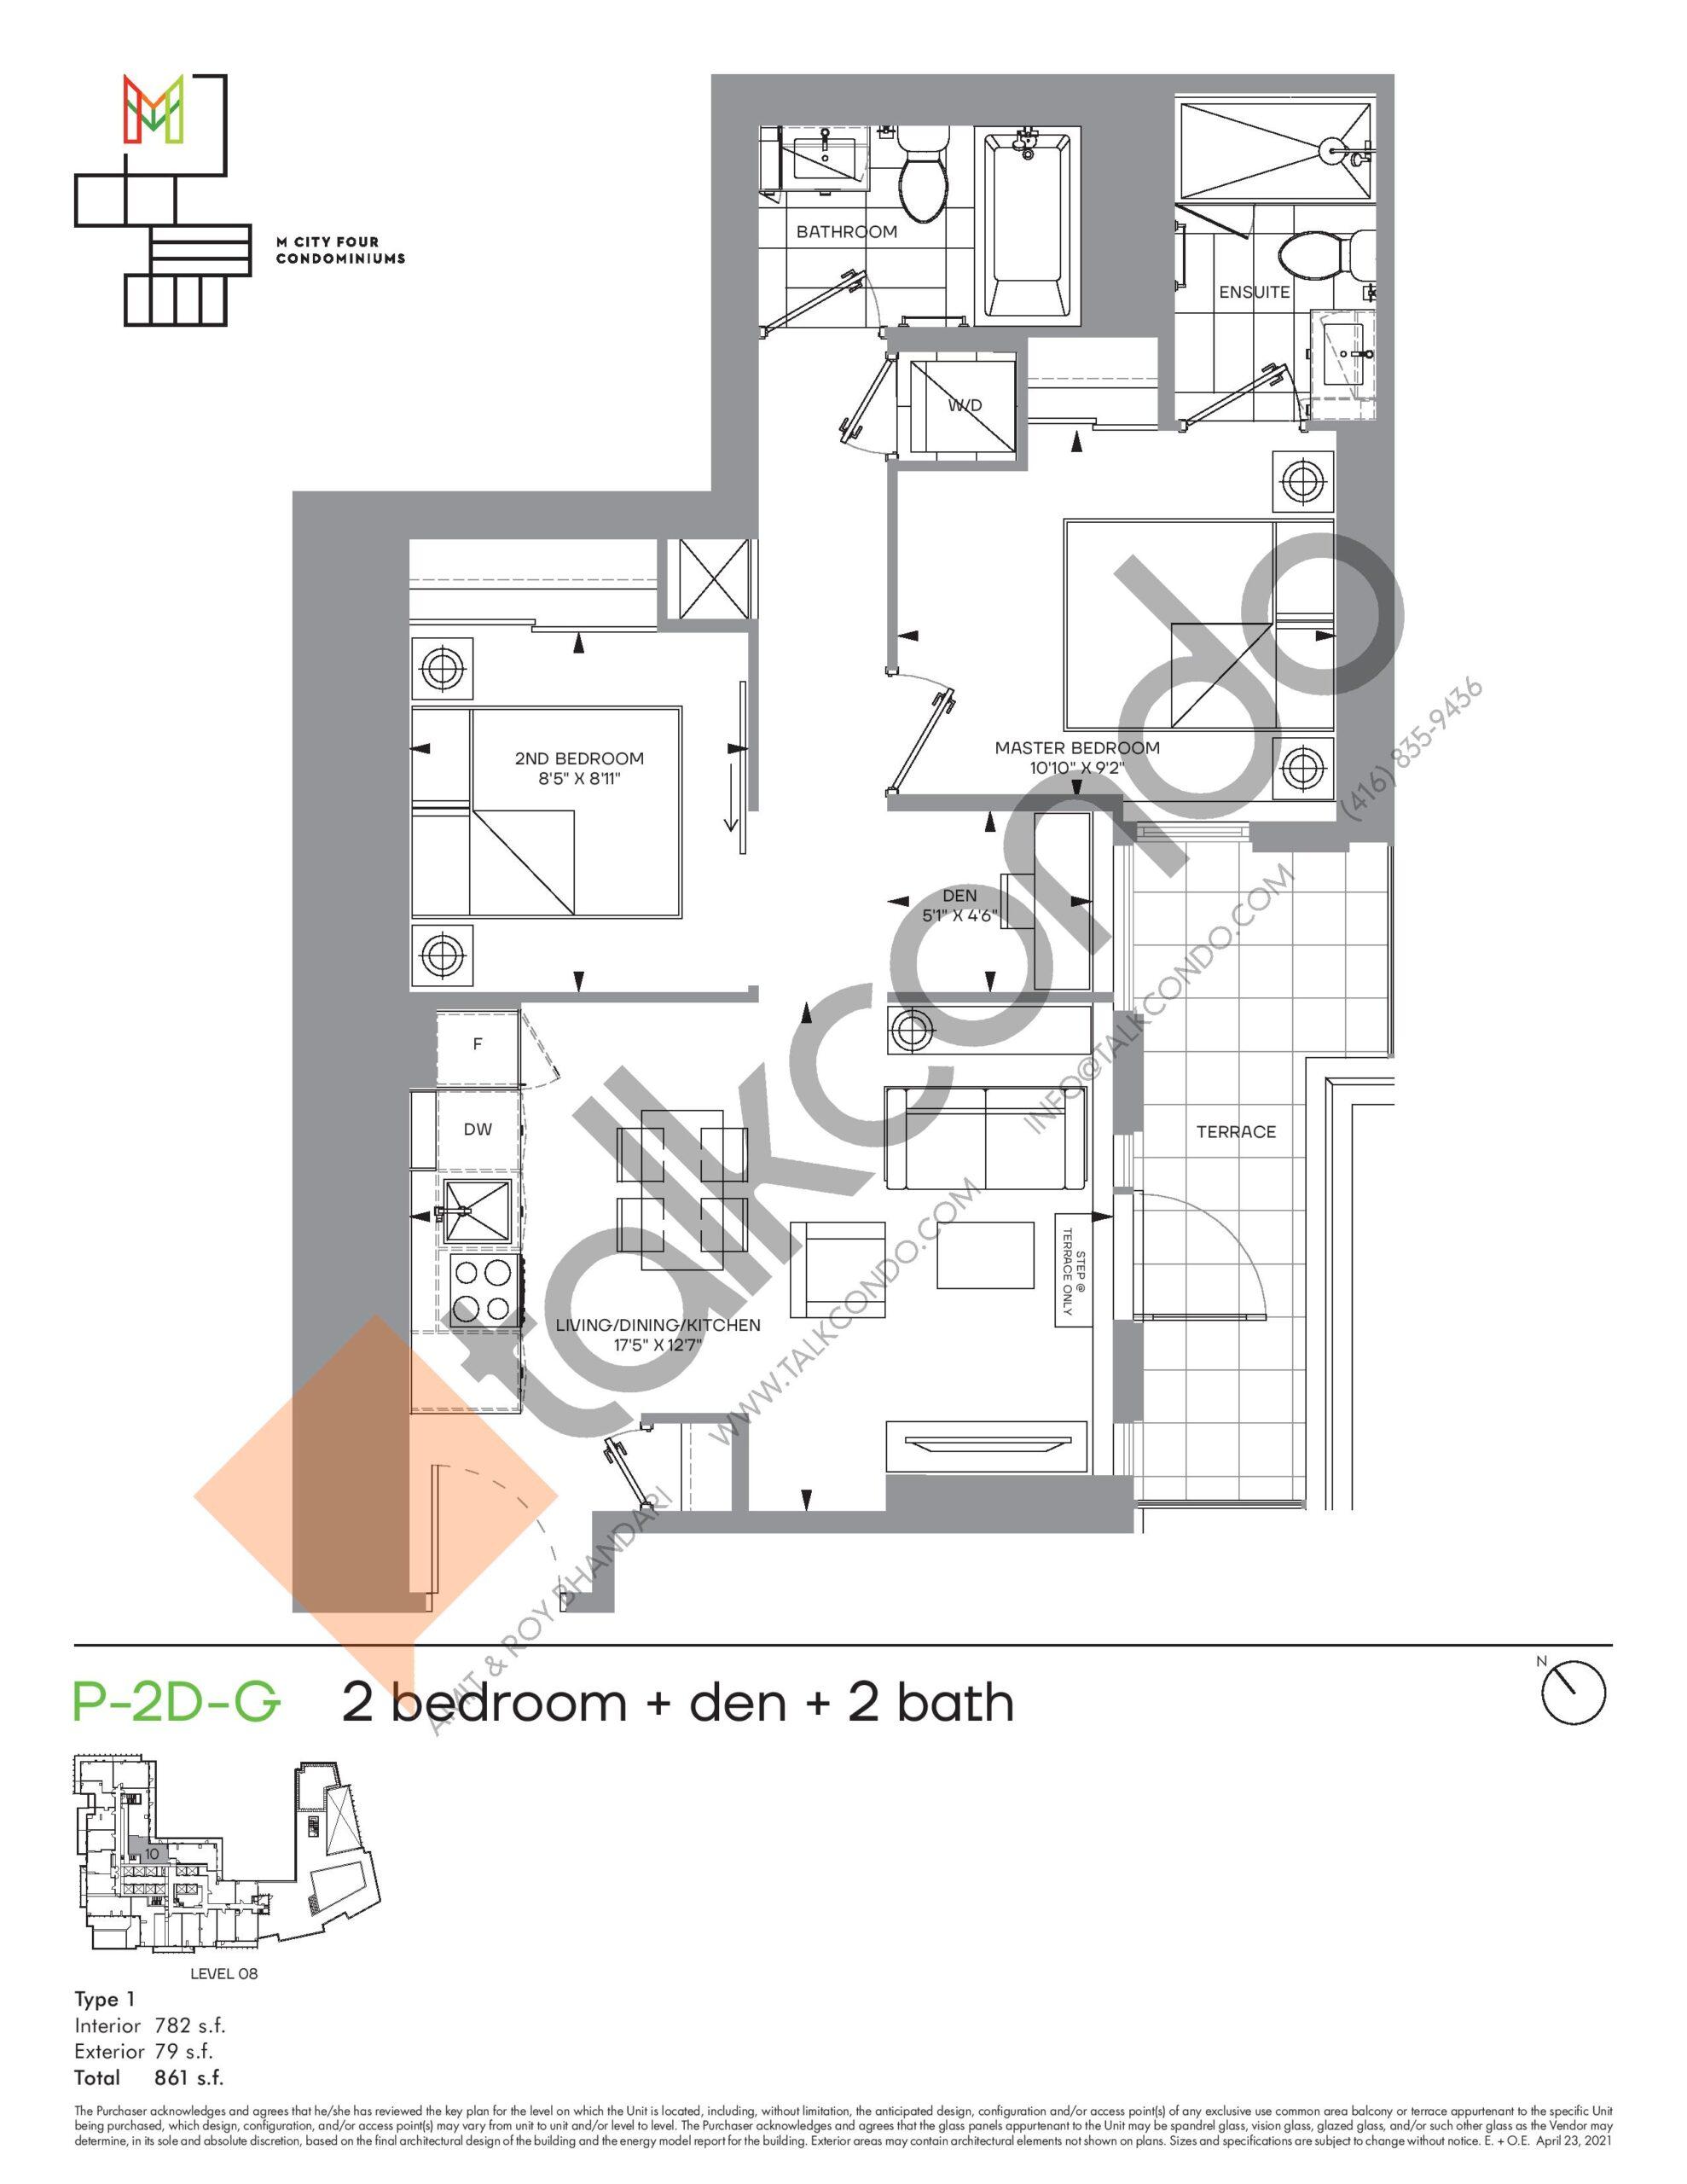 P-2D-G (Podium) Floor Plan at M4 Condos - 782 sq.ft